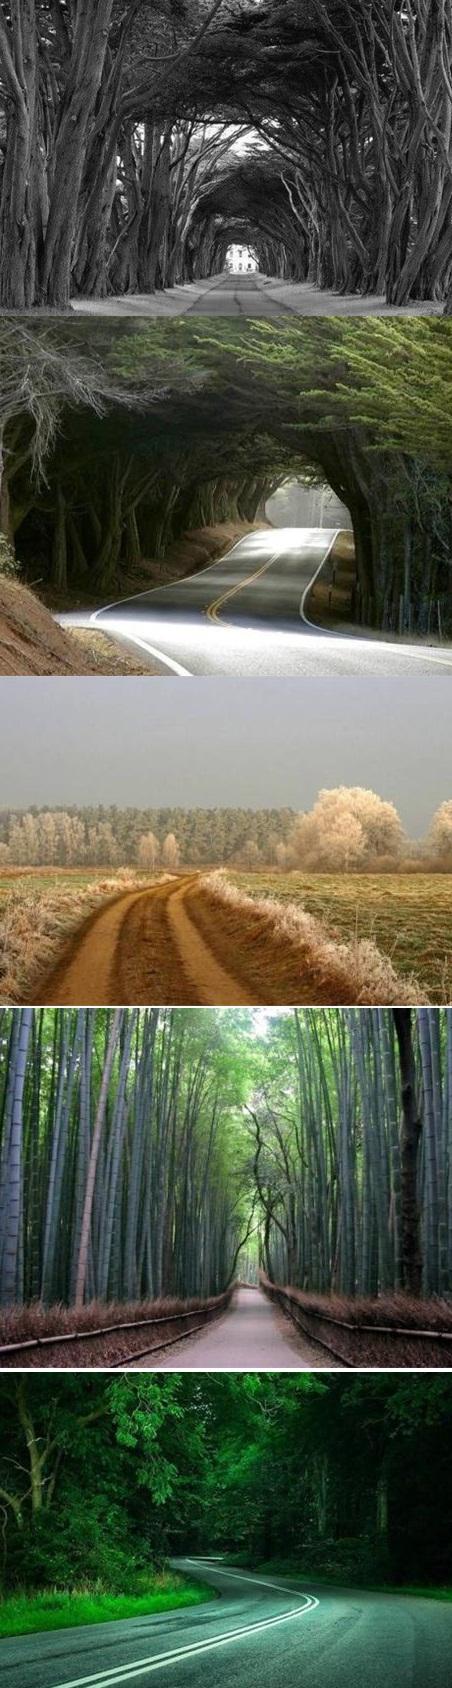 عکس هایی بی نظیر از زیباترین جاده های دنیا